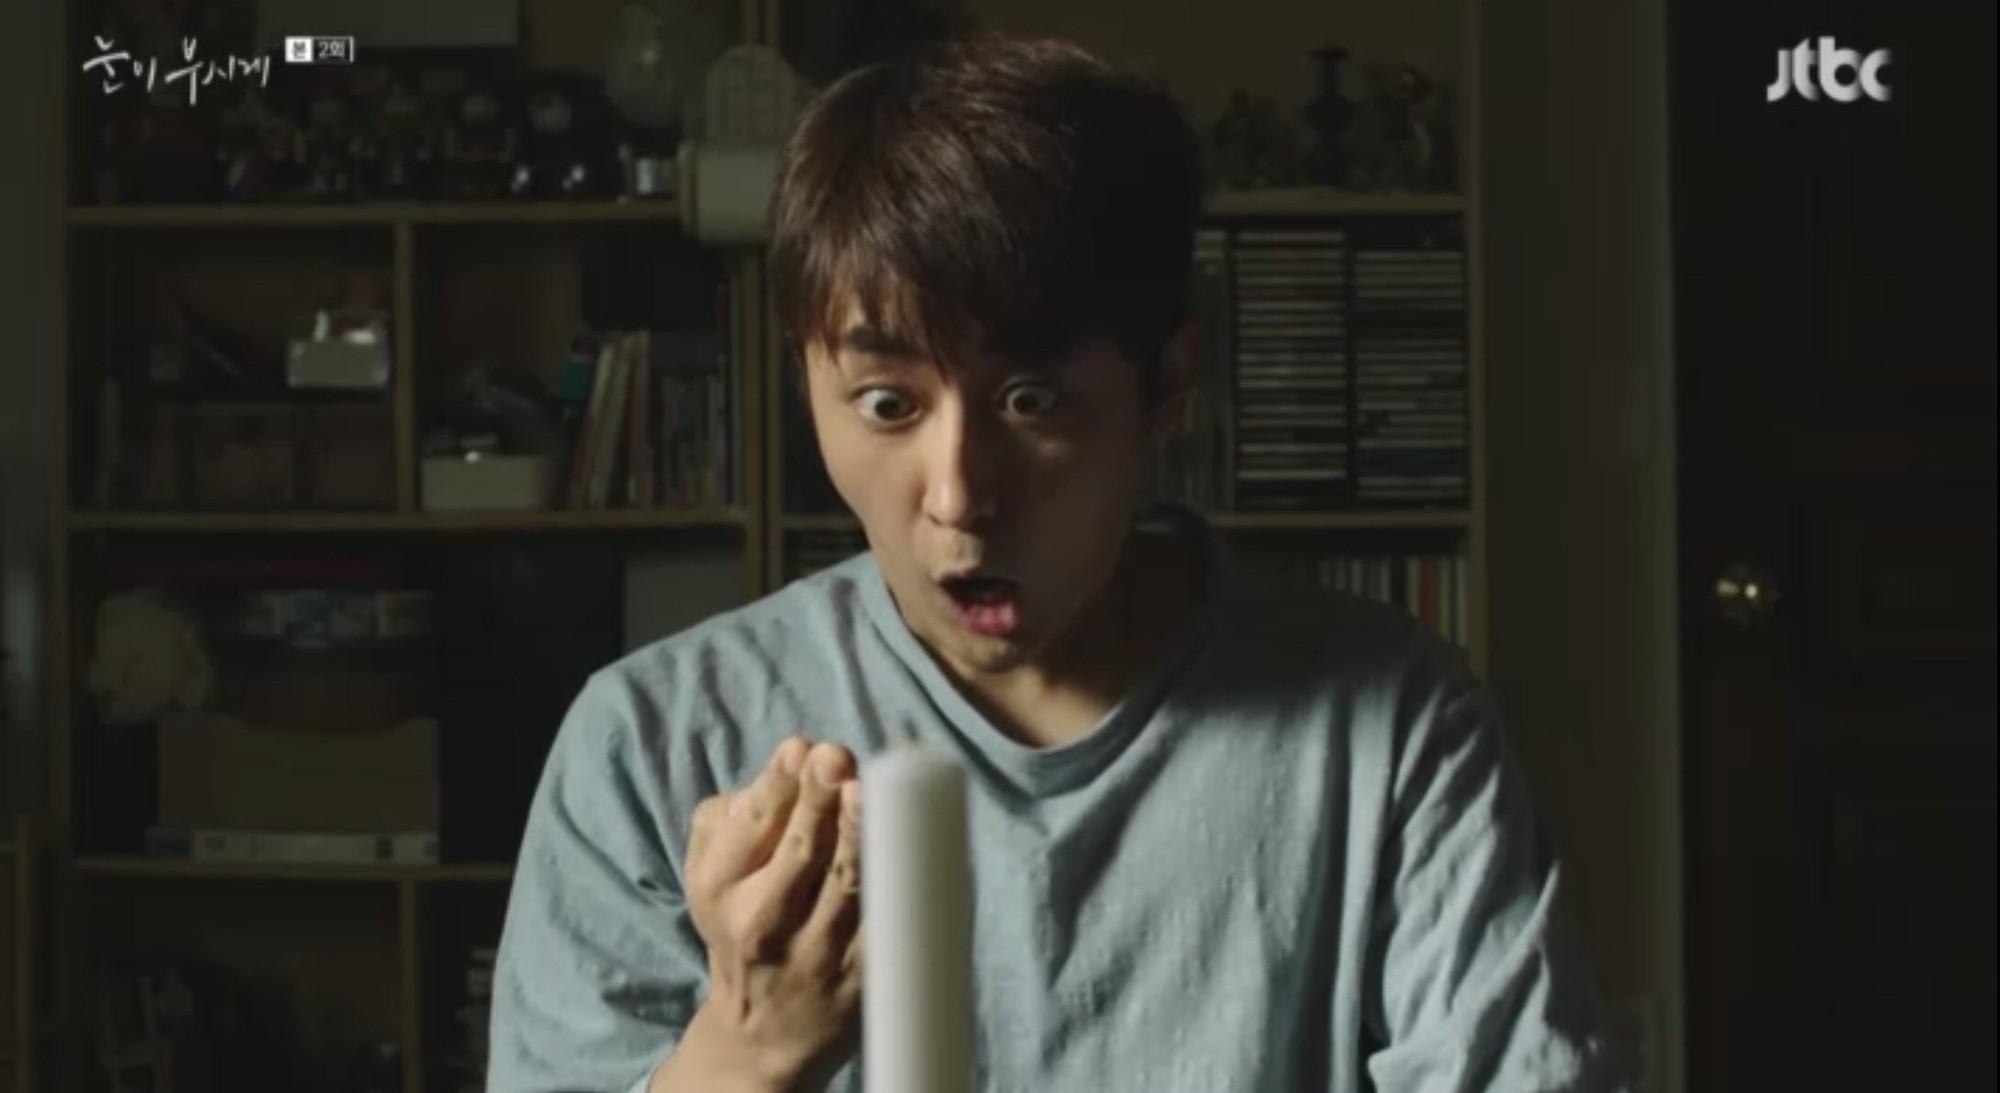 Lầy mà dễ thương như Han Ji Min trong Dazzling thì có đáng yêu không? - Ảnh 7.